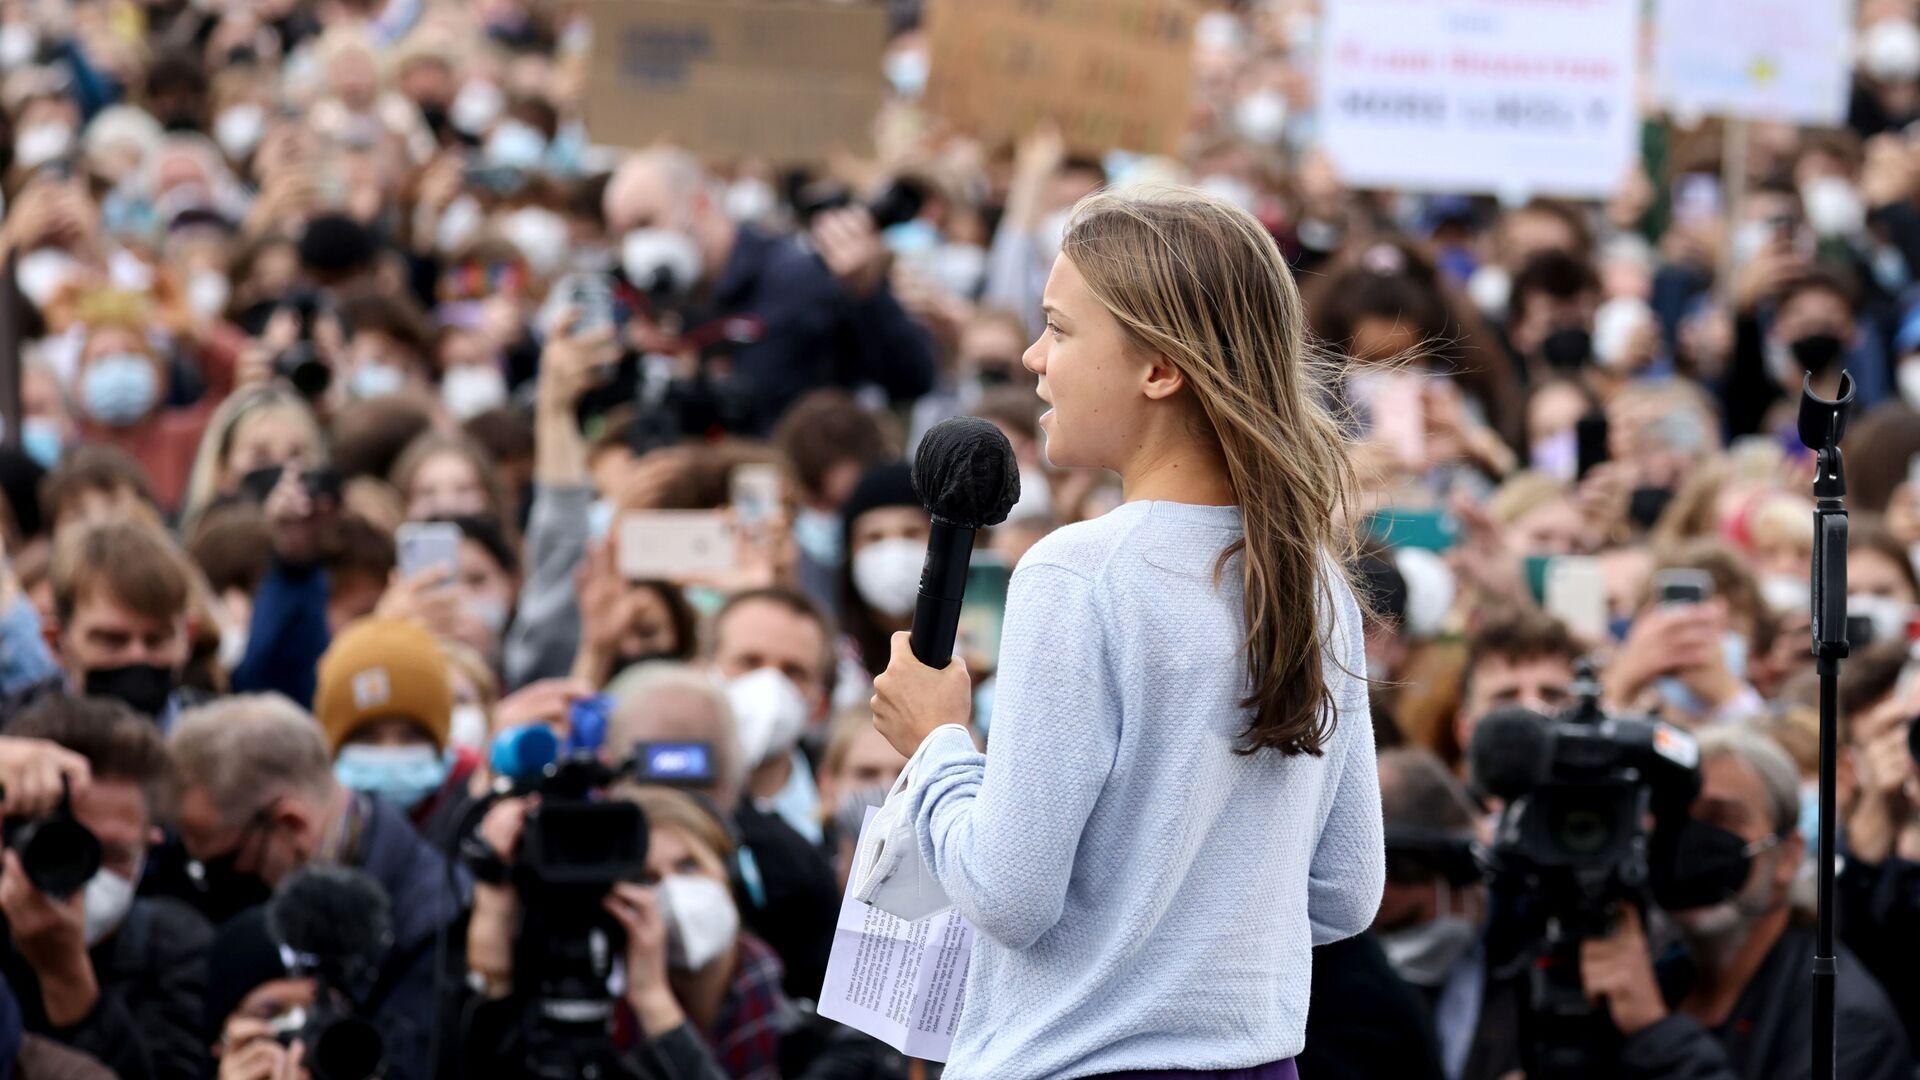 Шведская экологическая активистка Грета Тунберг выступает во время Глобальной климатической забастовки движения Friday for Future в Берлине, Германия - Sputnik Узбекистан, 1920, 07.10.2021